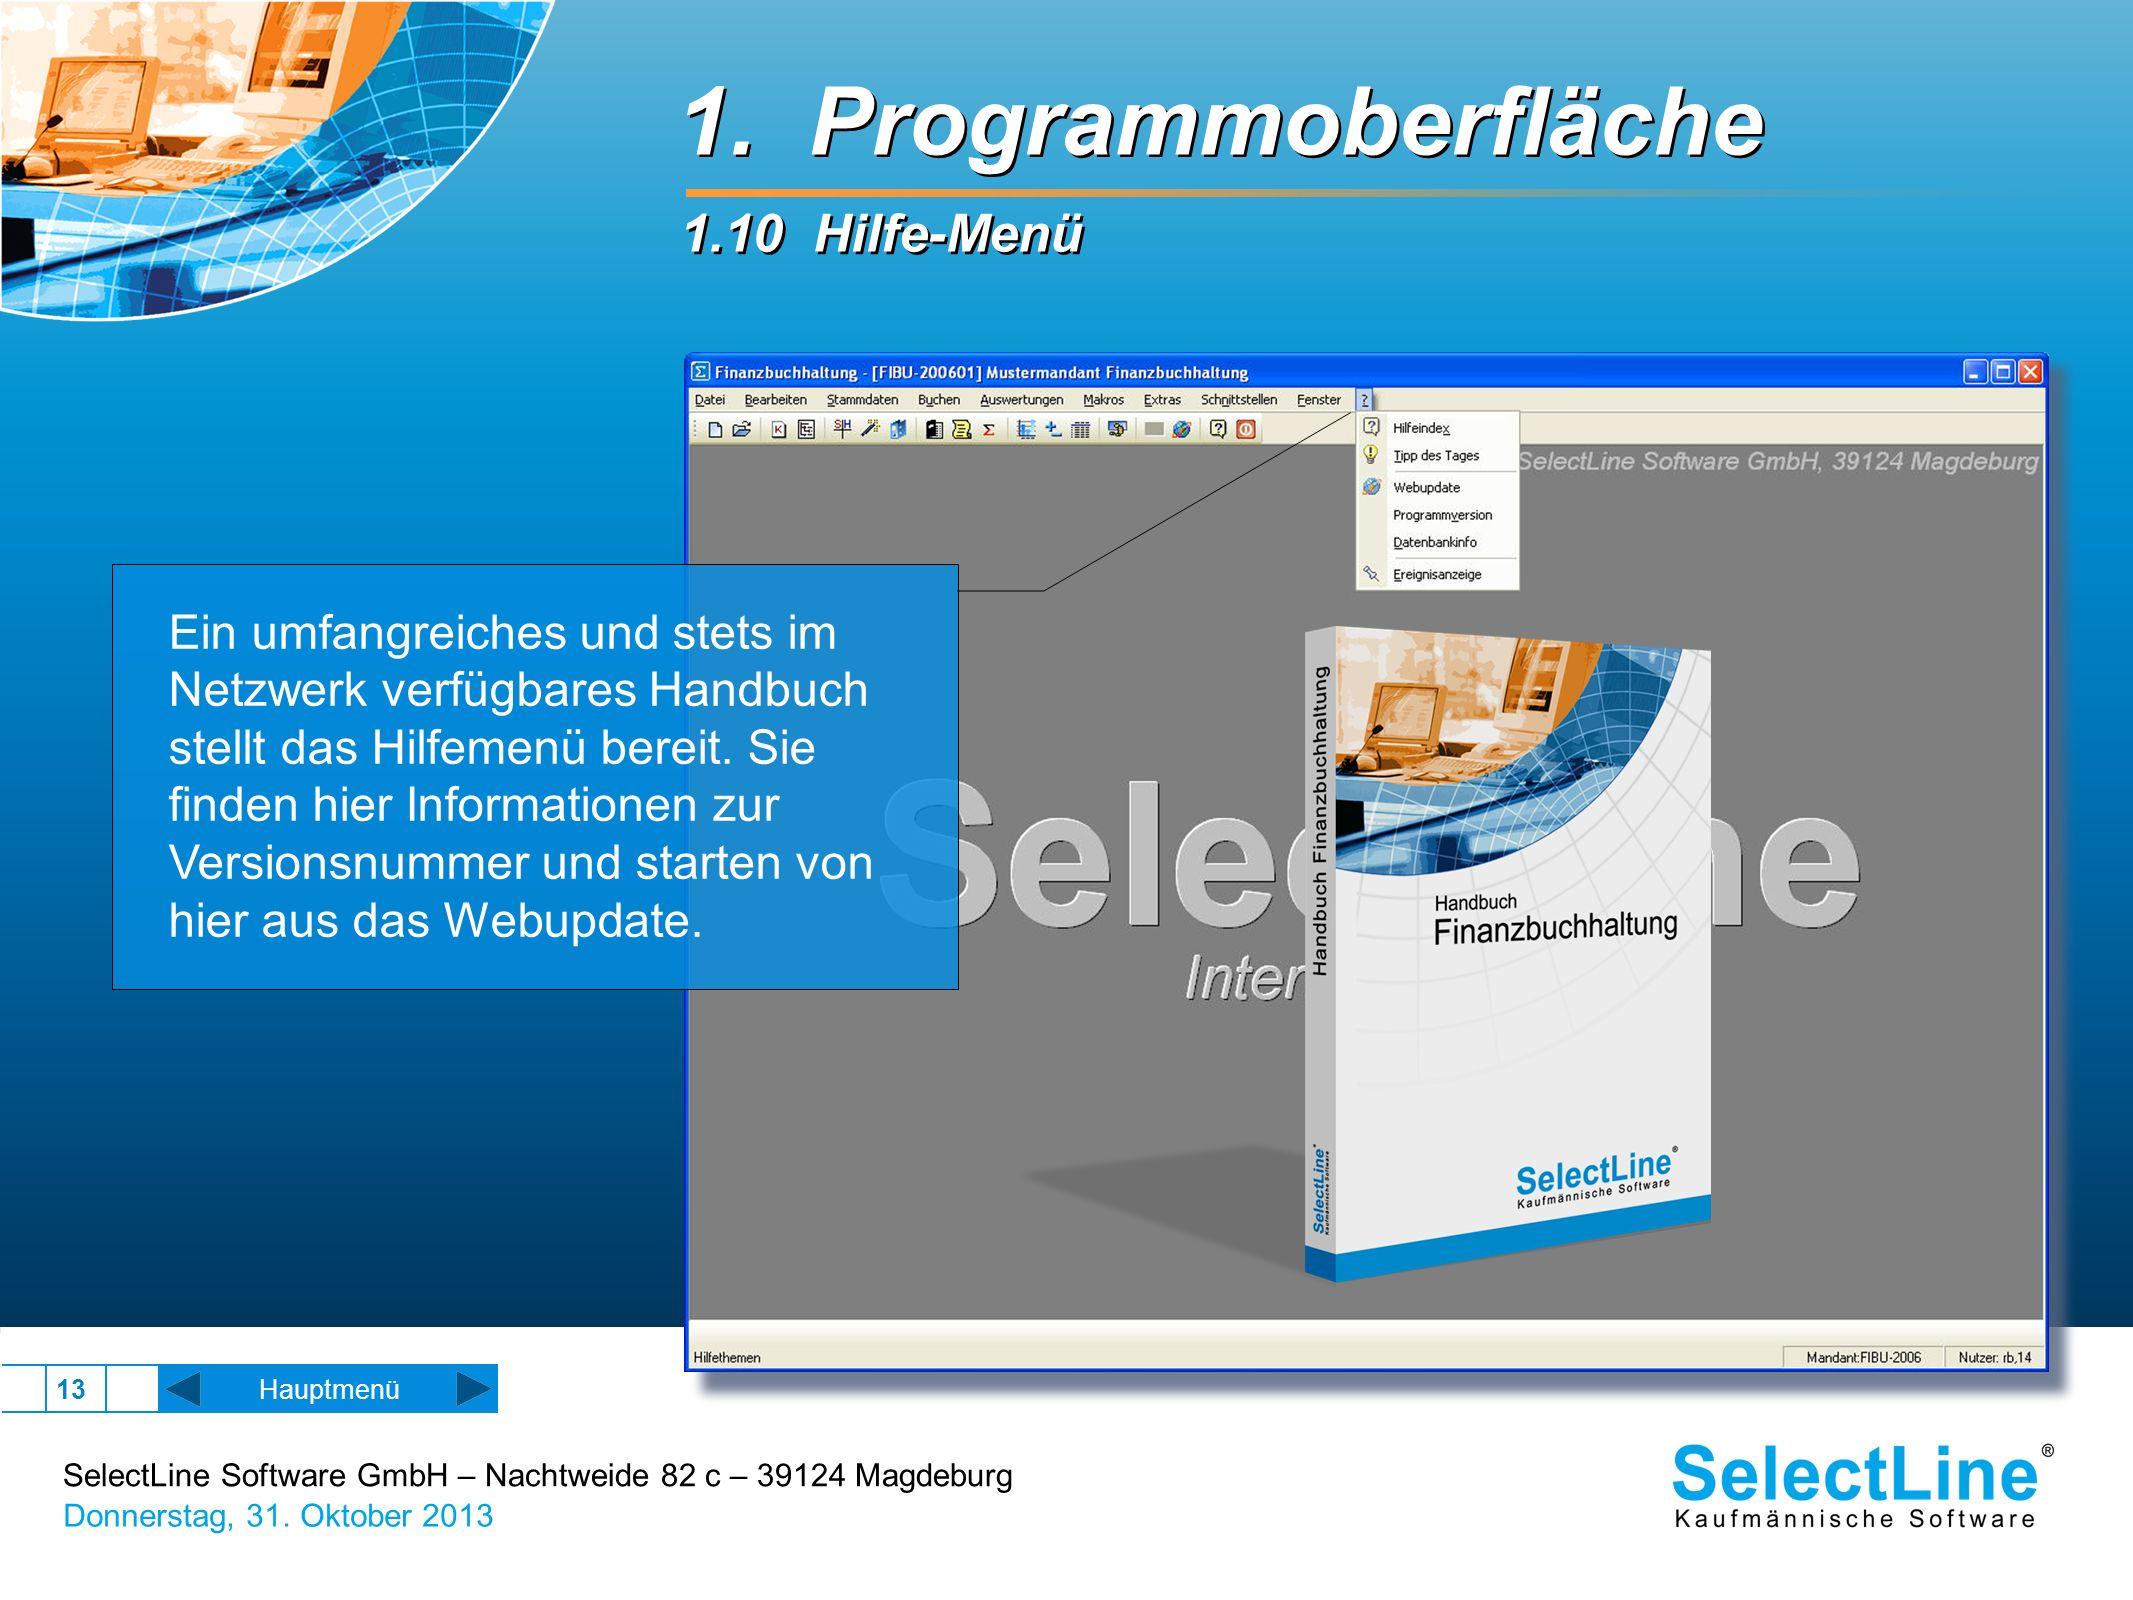 SelectLine Software GmbH – Nachtweide 82 c – 39124 Magdeburg Donnerstag, 31. Oktober 2013 13 1.10 Hilfe-Menü 1. Programmoberfläche Hauptmenü Ein umfan